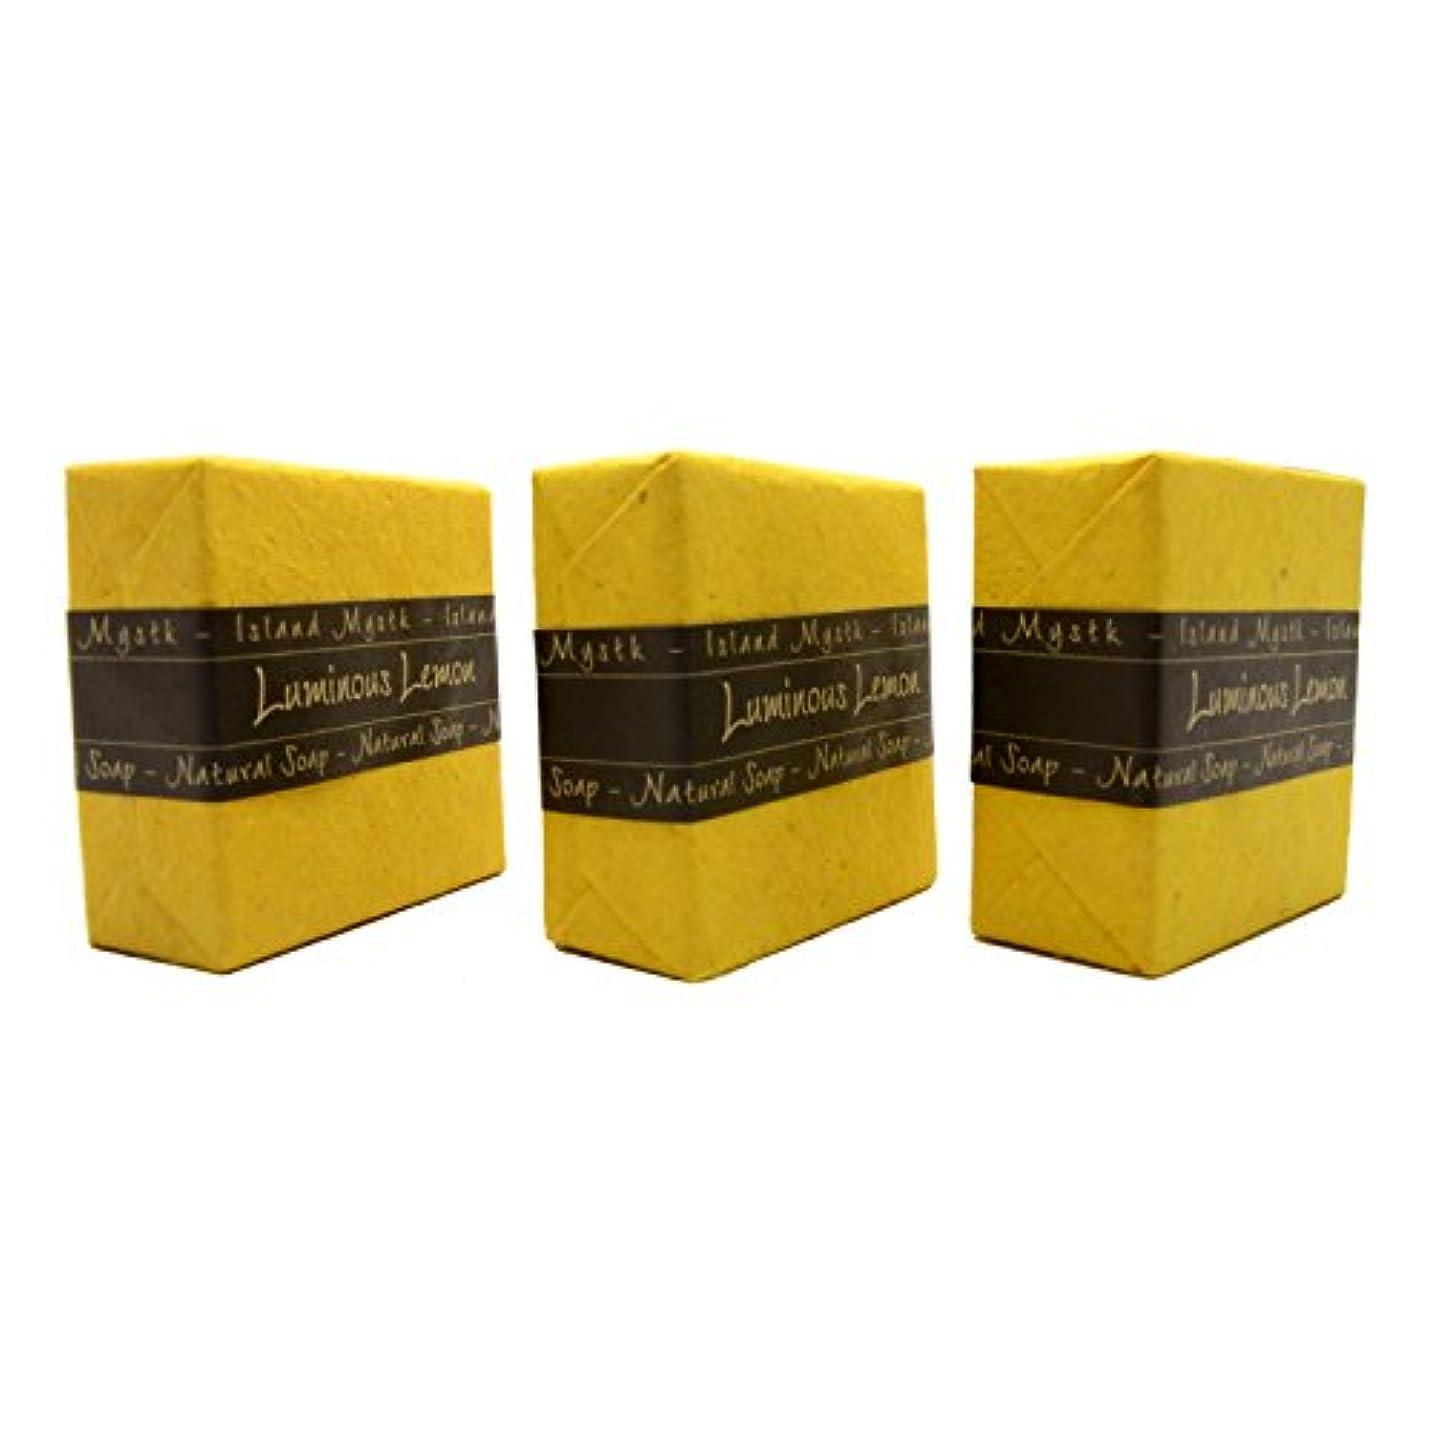 胃ペインティング認可アイランドミスティック ルミナスレモン 3個セット 115g×3 ココナッツ石鹸 バリ島 Island Mystk 天然素材100% 無添加 オーガニック